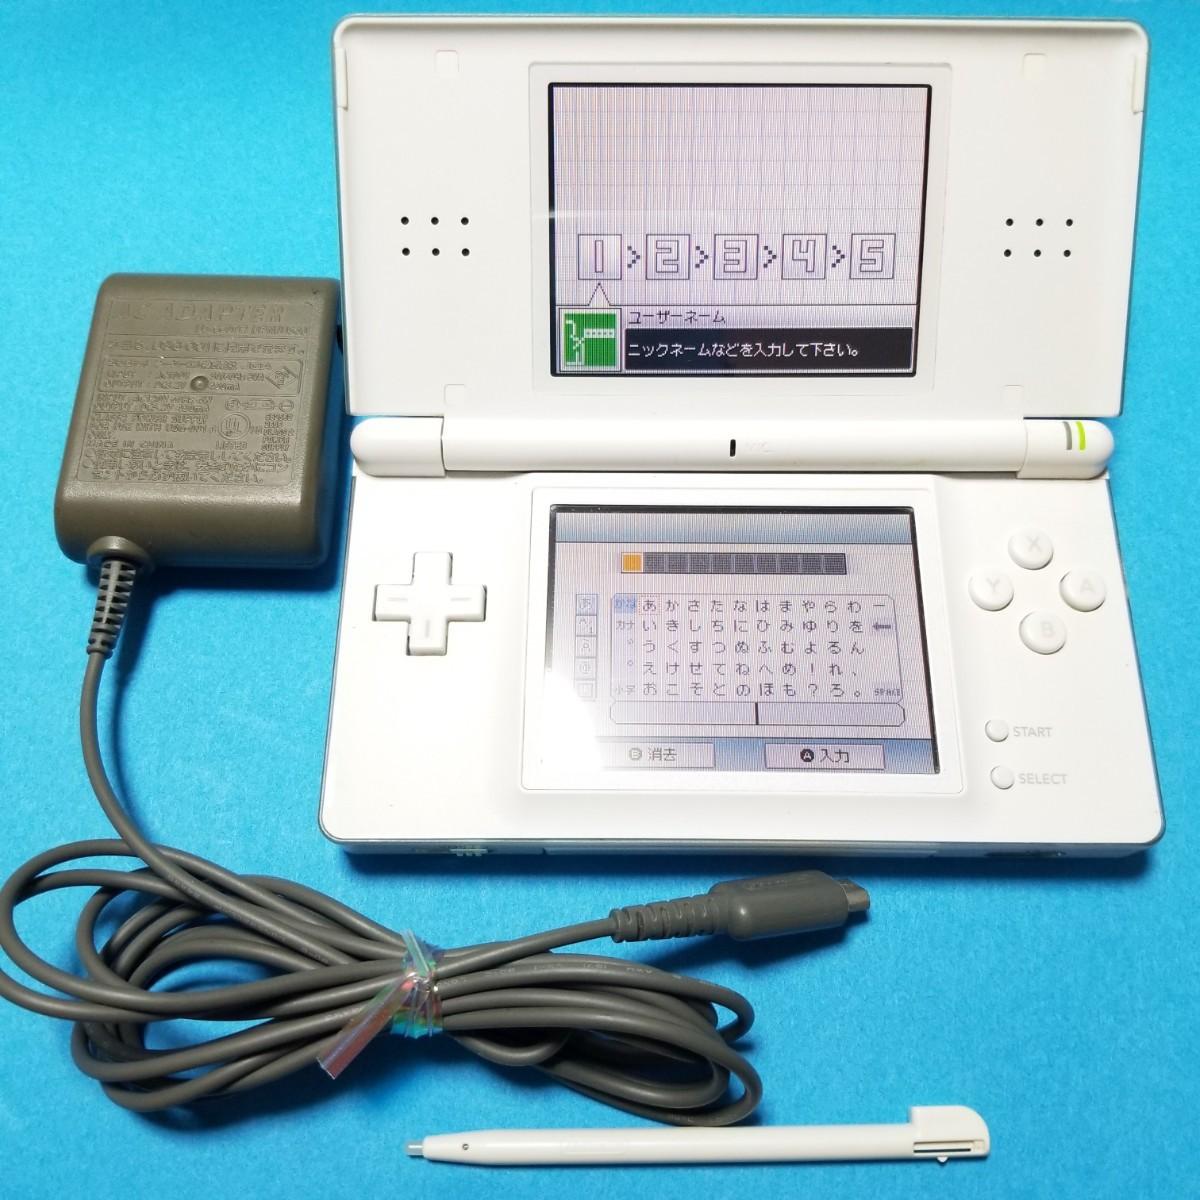 ニンテンドーDS Lite クリスタルホワイト+ACアダプタ+タッチペン+おまけソフト セット